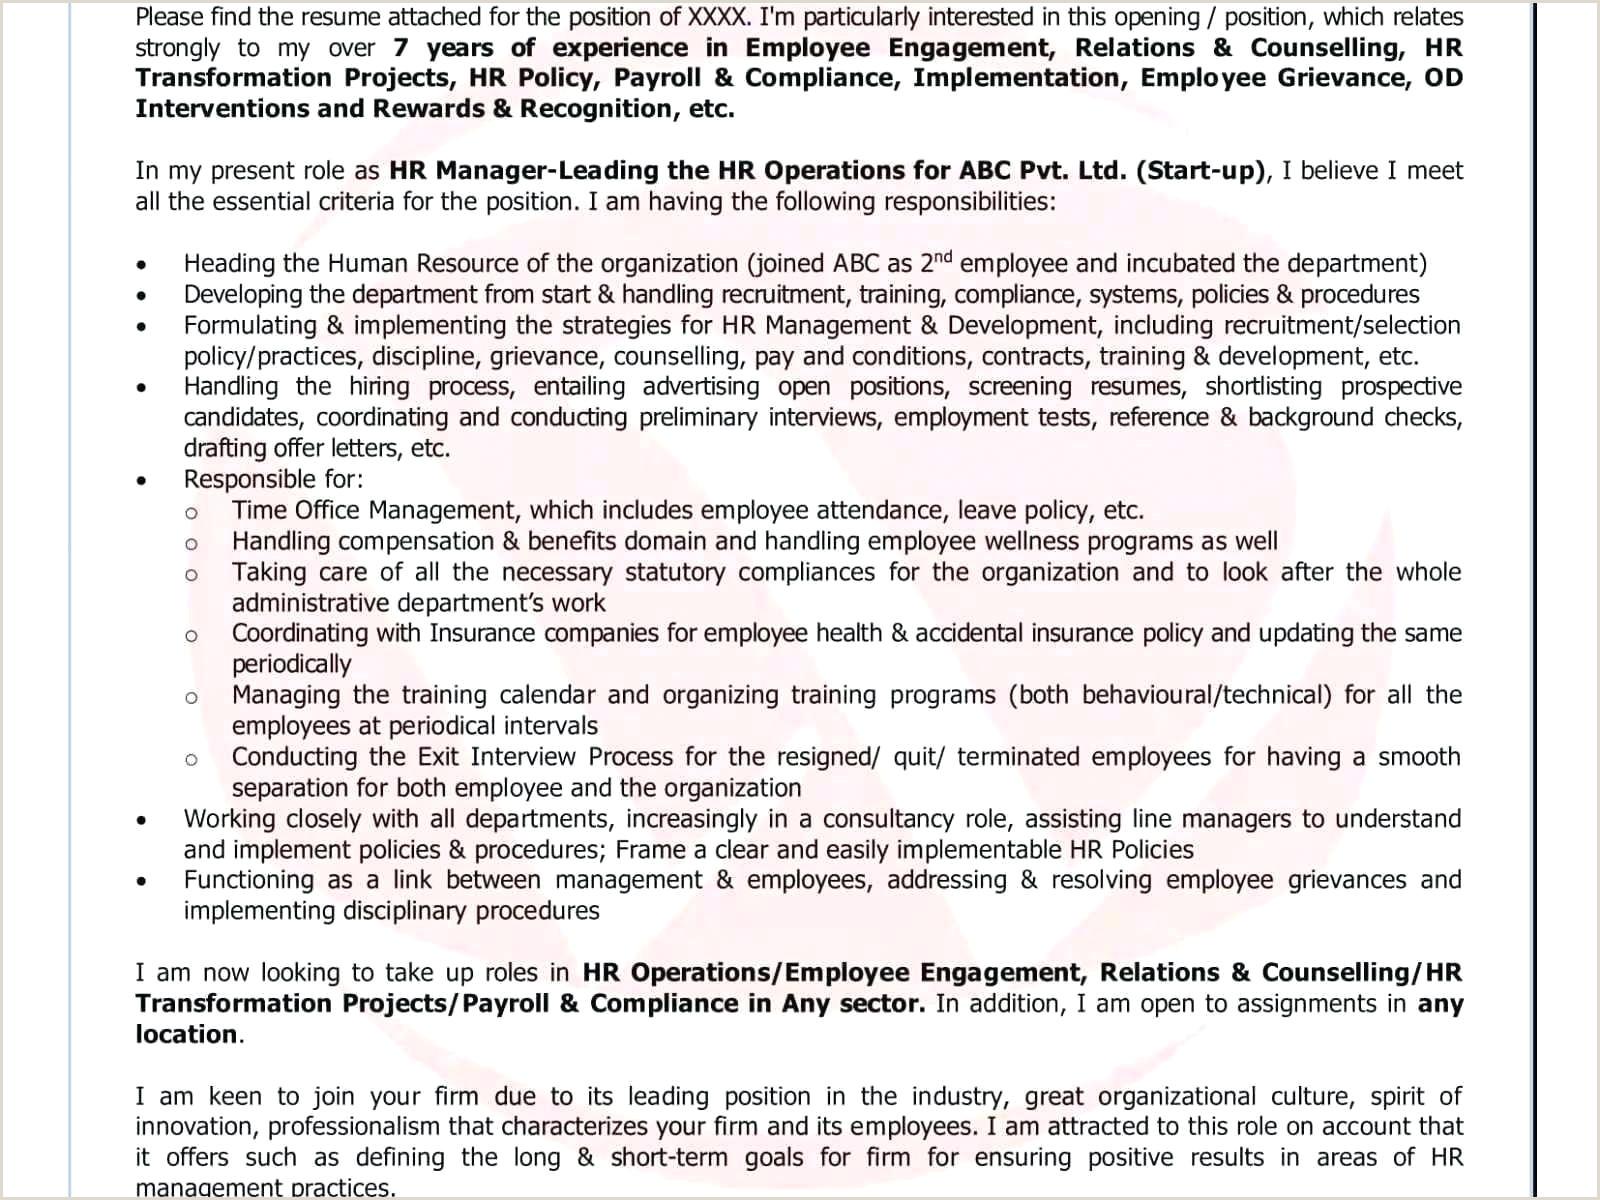 Cv Sample for Waiter Job Resume Responsibilities Waitress for Resume